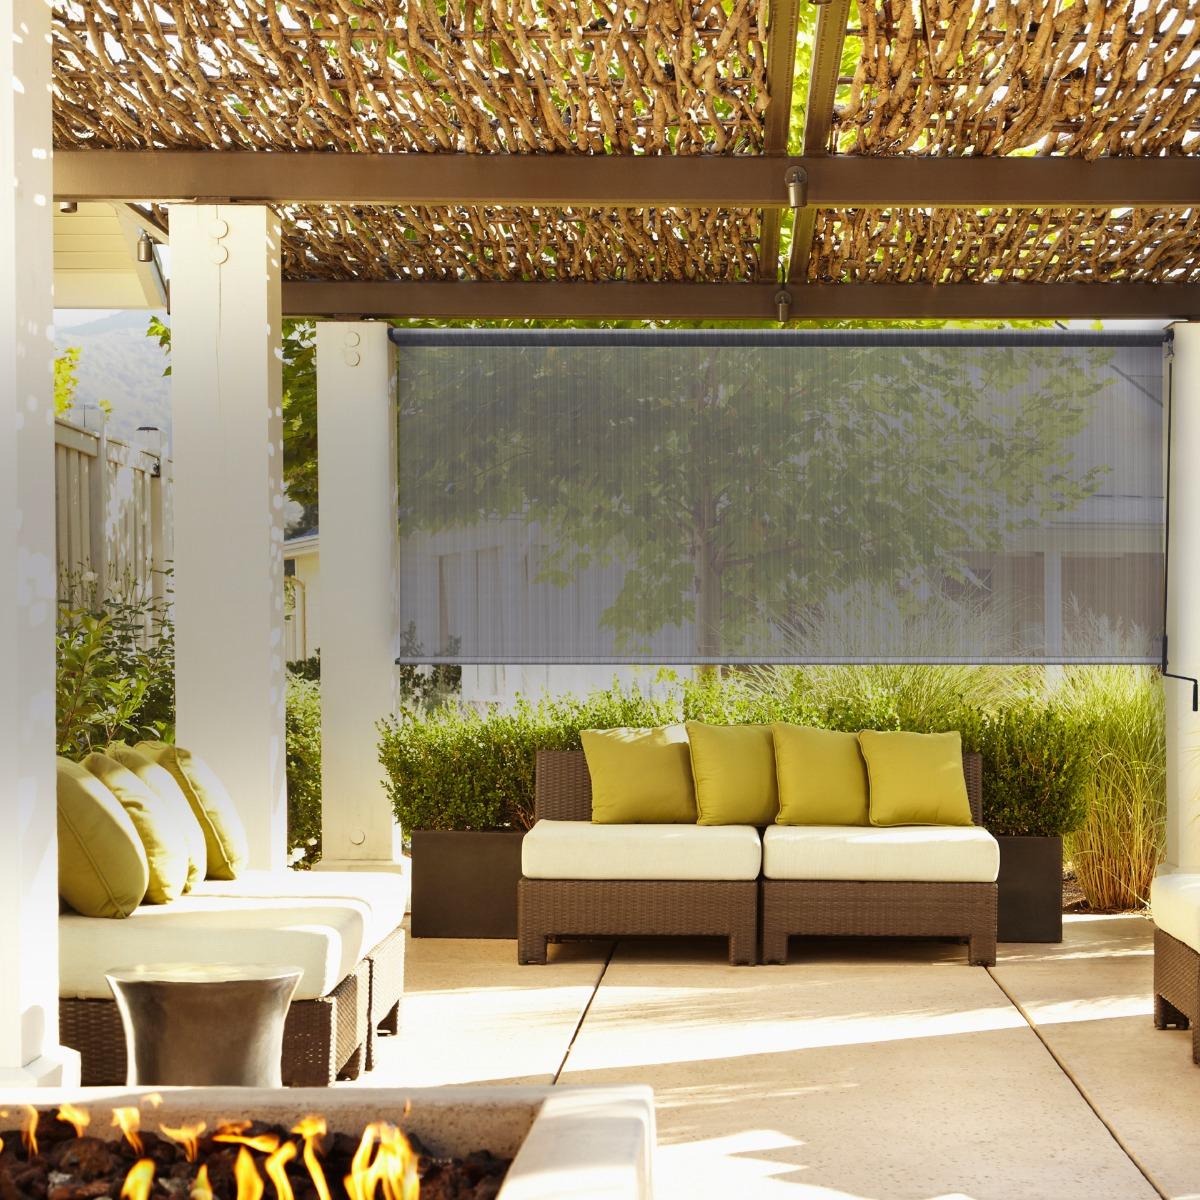 New Radiance Rollup Solar Window Shade Indoor Outdoor Patio Garage Sunroom Blind Ebay